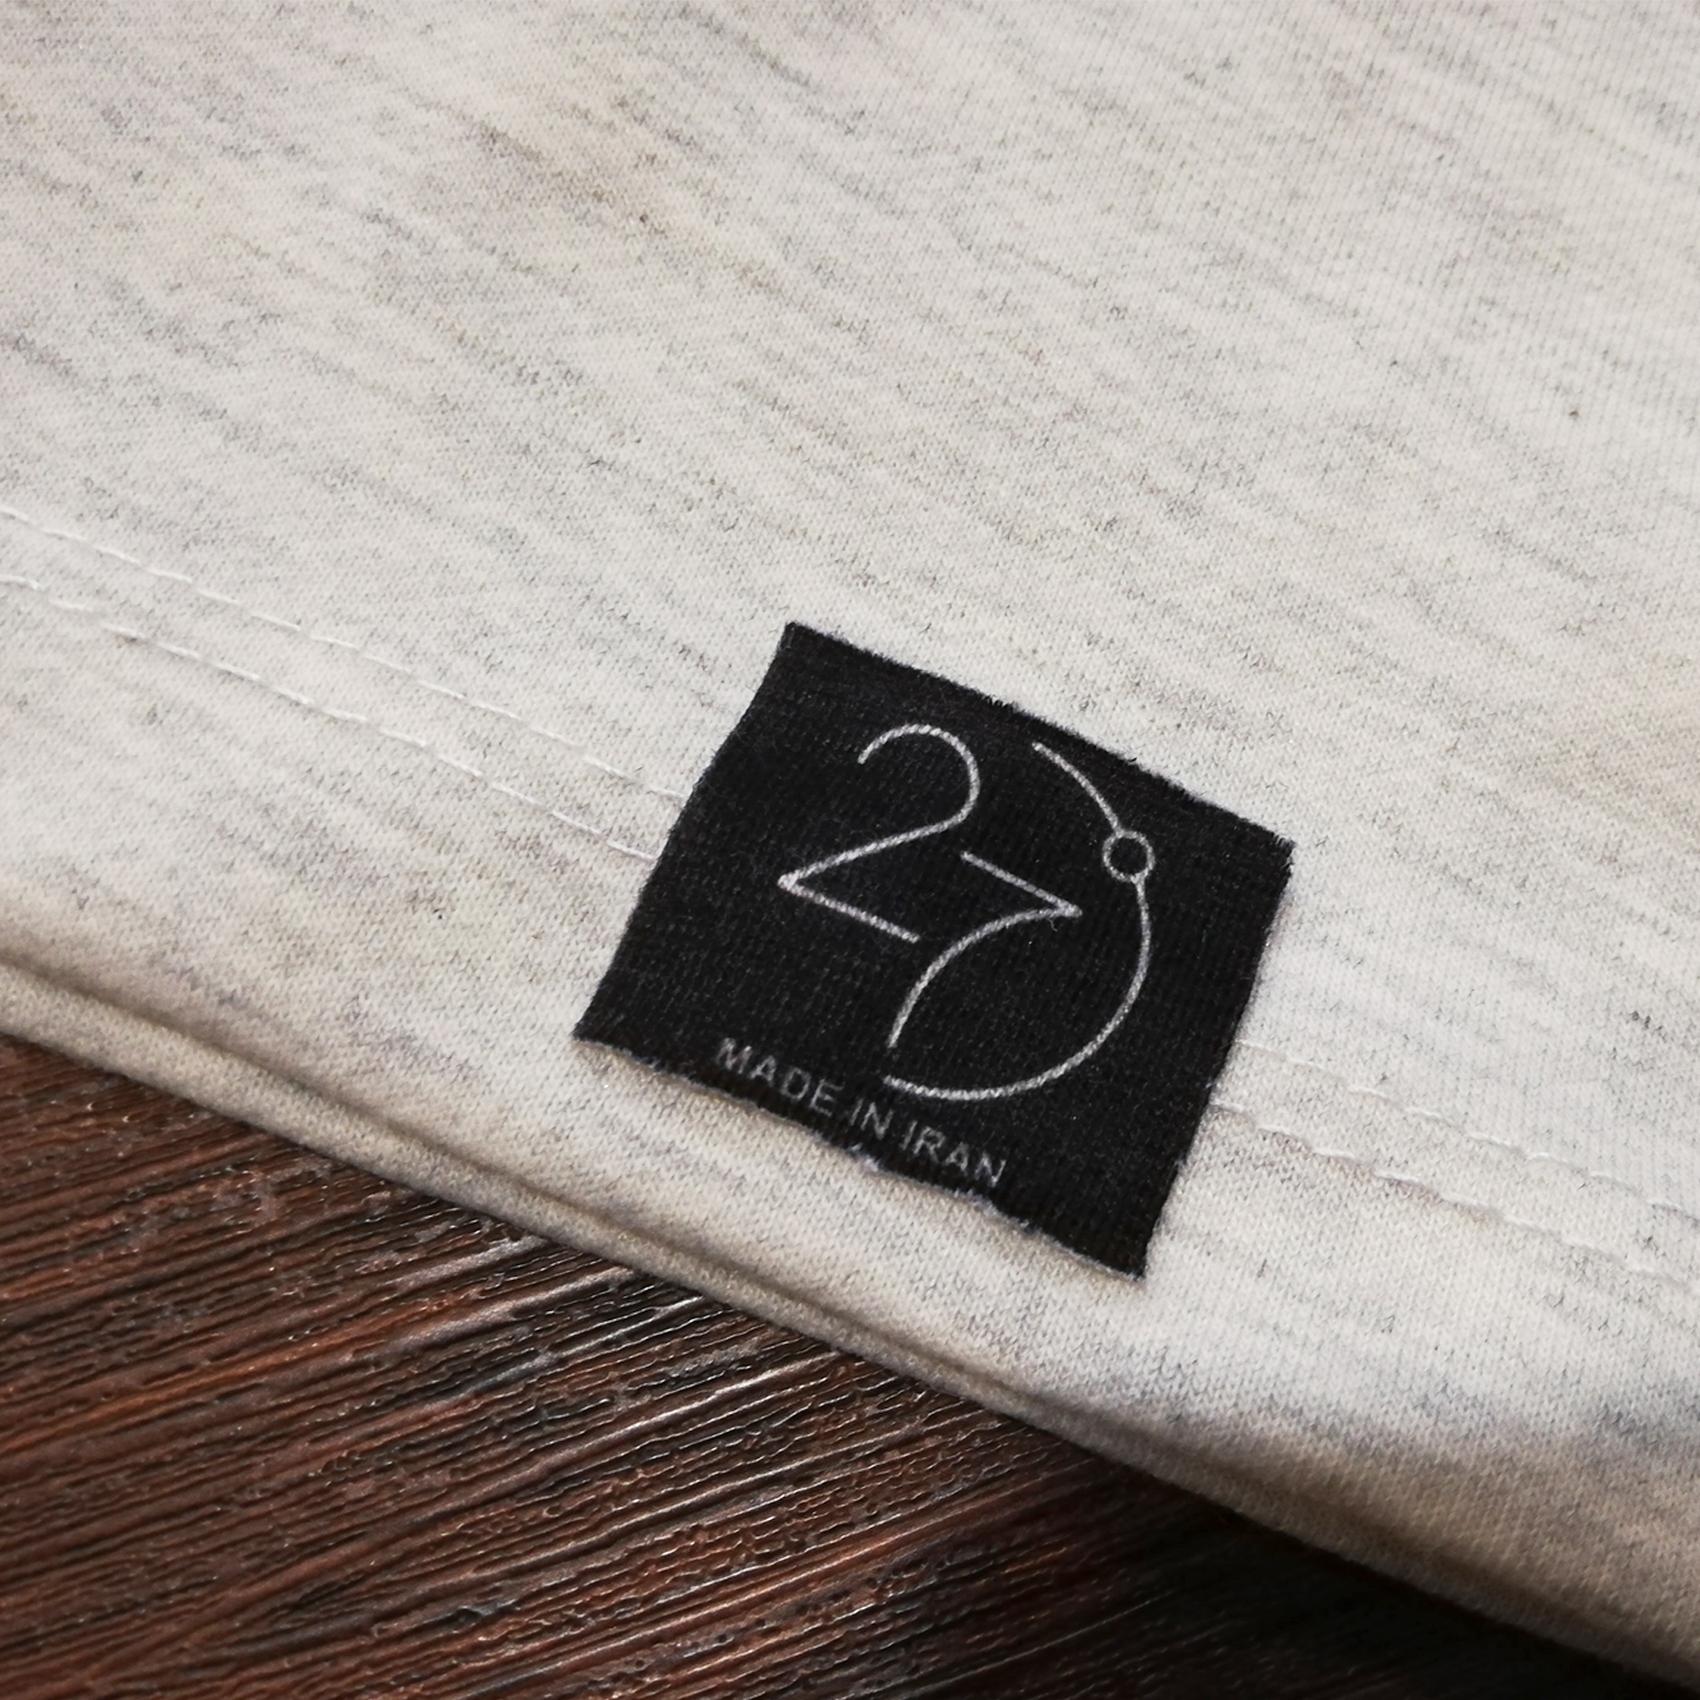 تی شرت  مردانه 27  طرح منجی کد B122 -  - 5